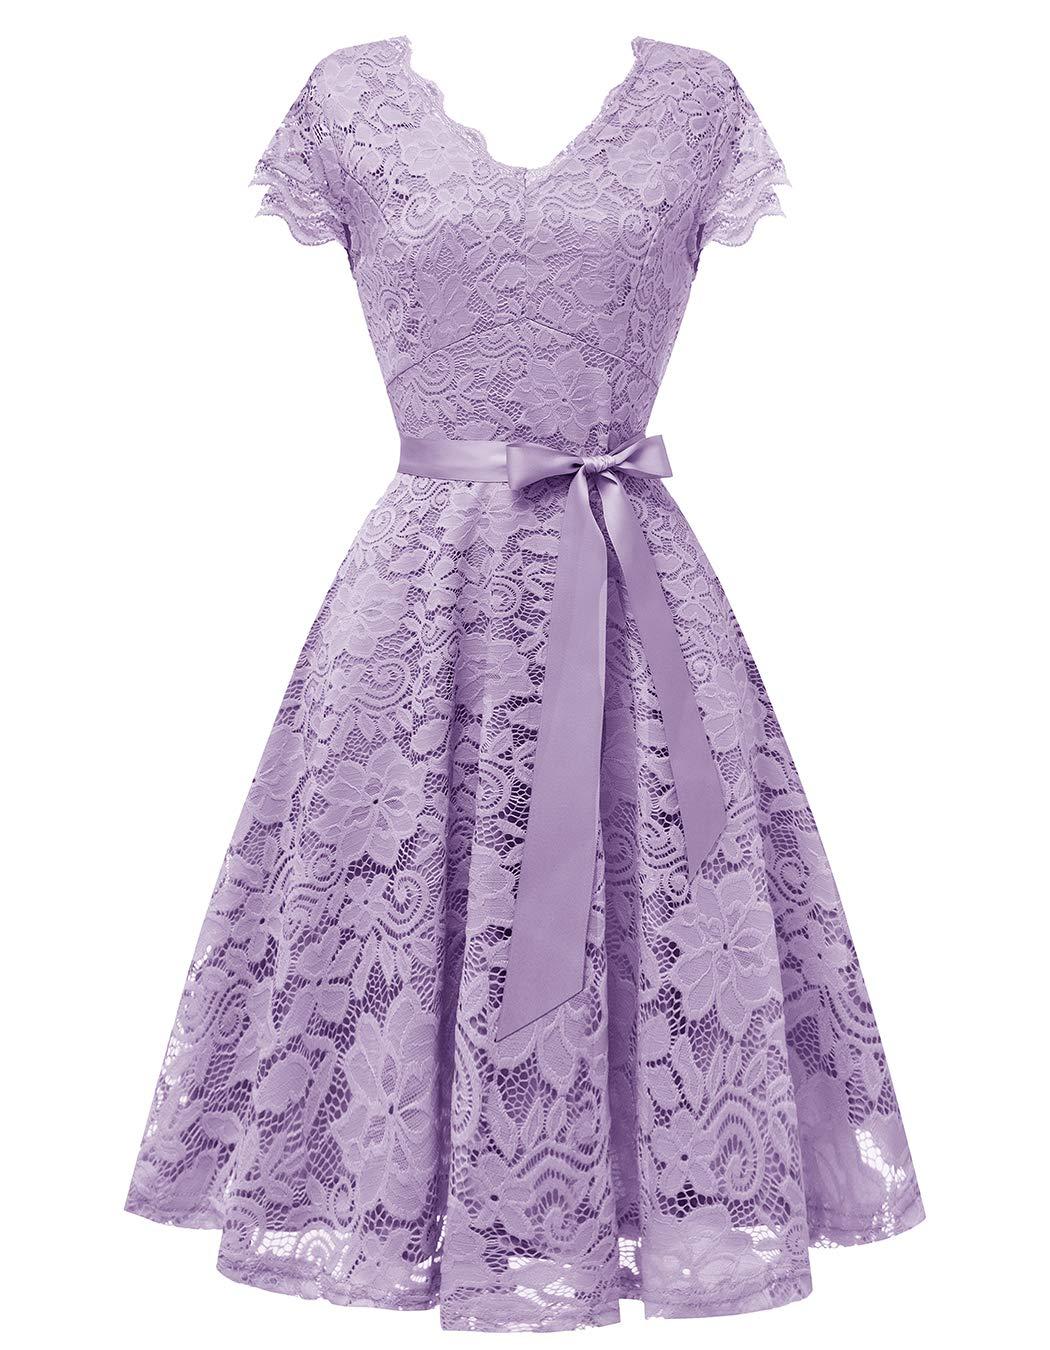 Vinvv Womens Short Vintage Lace Dress Cap Sleeve Bridesmaid Party Swing Dress Lavender M